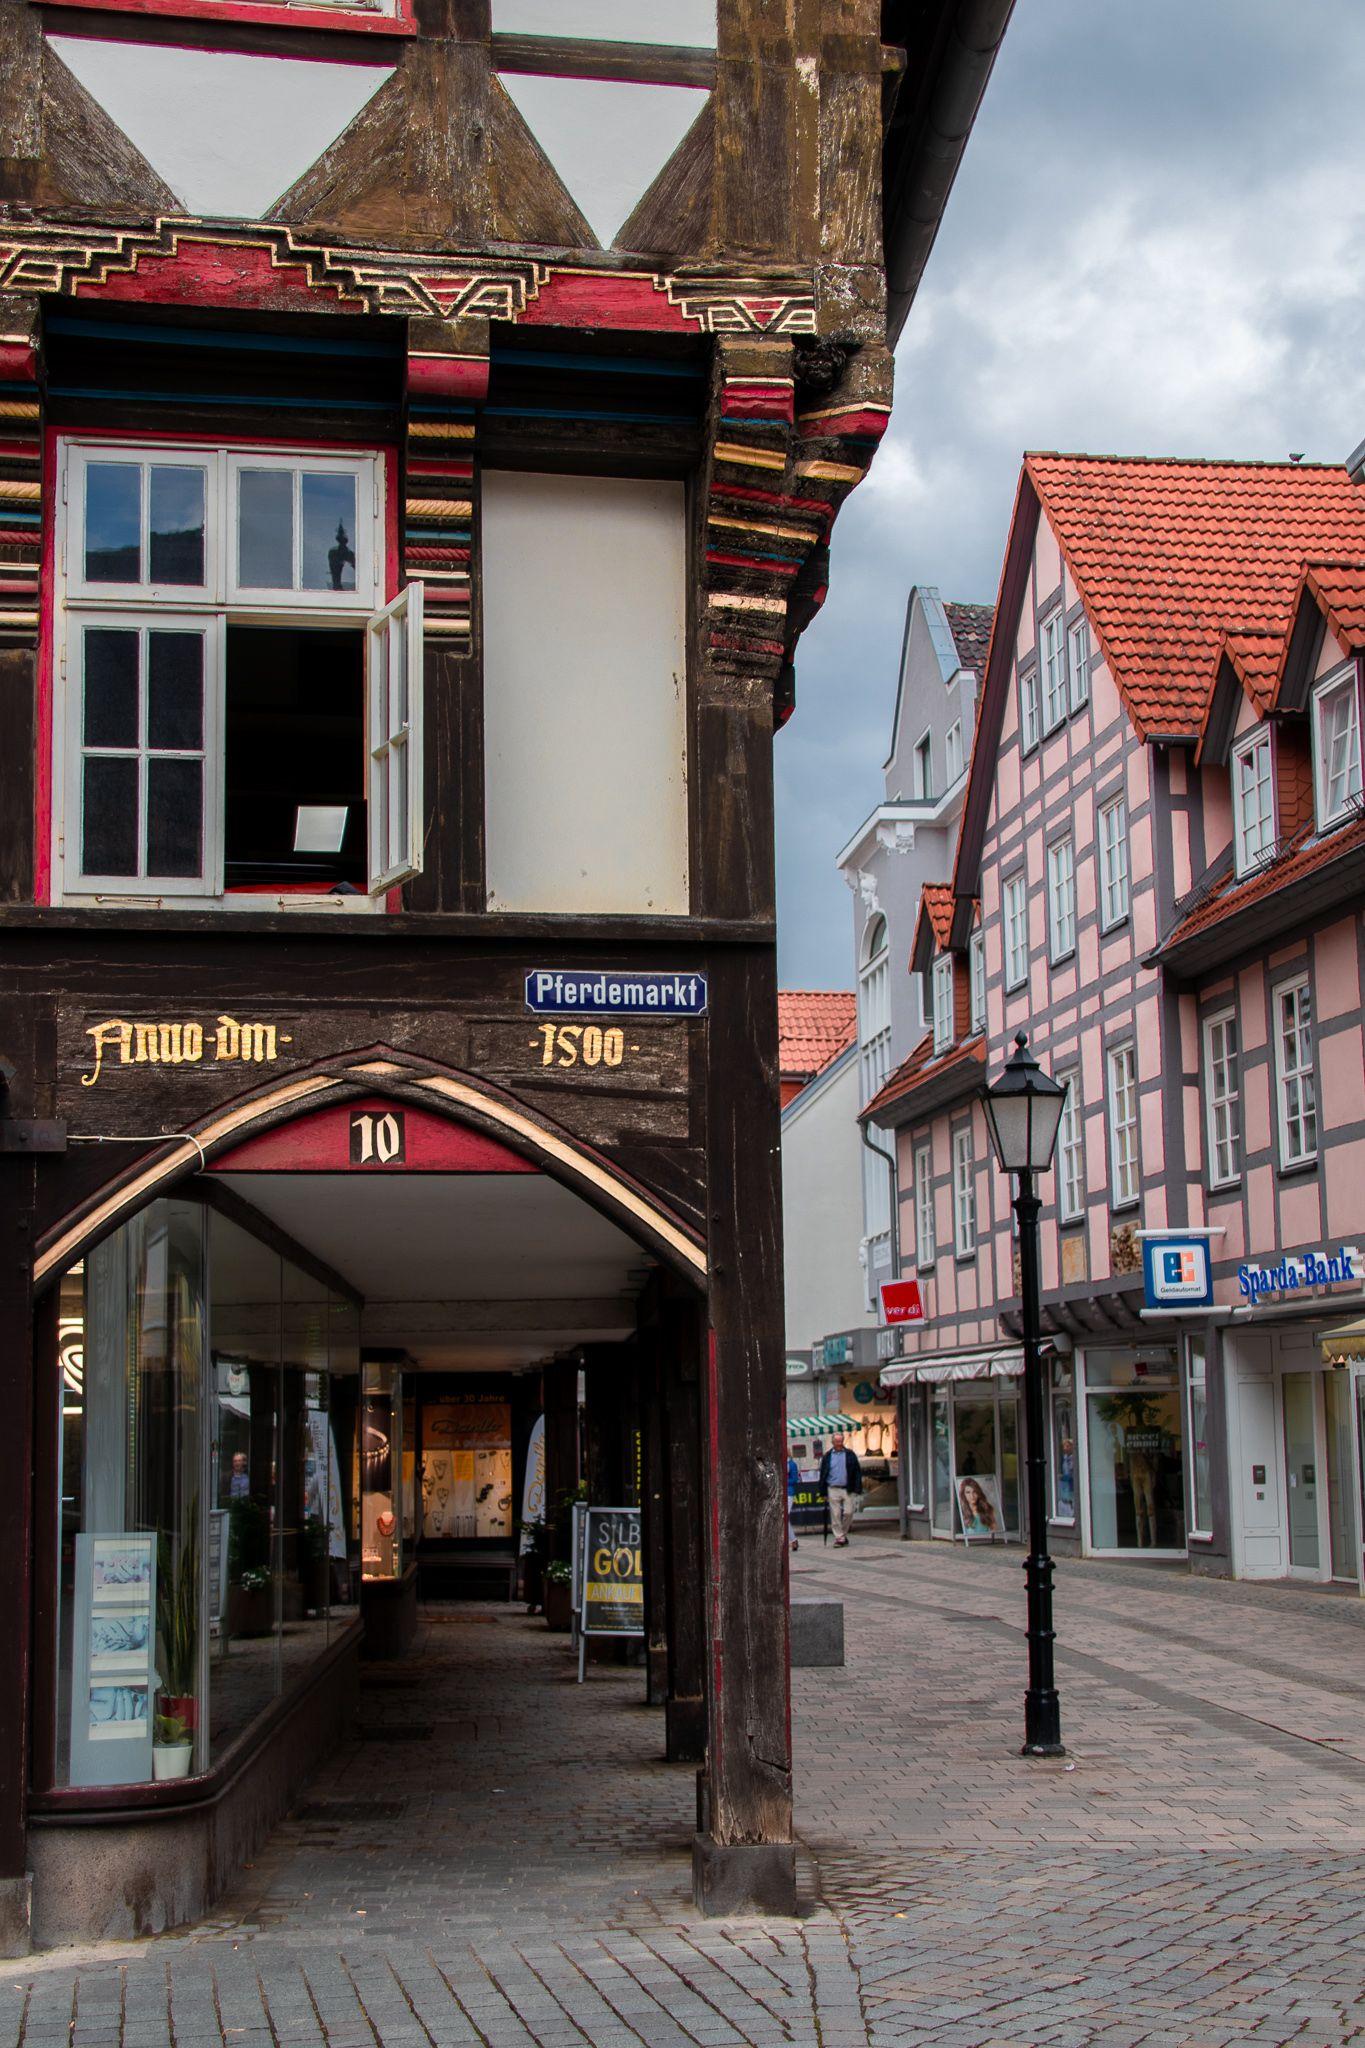 Hameln Die Schonsten Sehenswurdigkeiten Und Reisetipps Fur Deinen Deutschland Urlaub Urlaub In Deutschland Reisen Urlaub